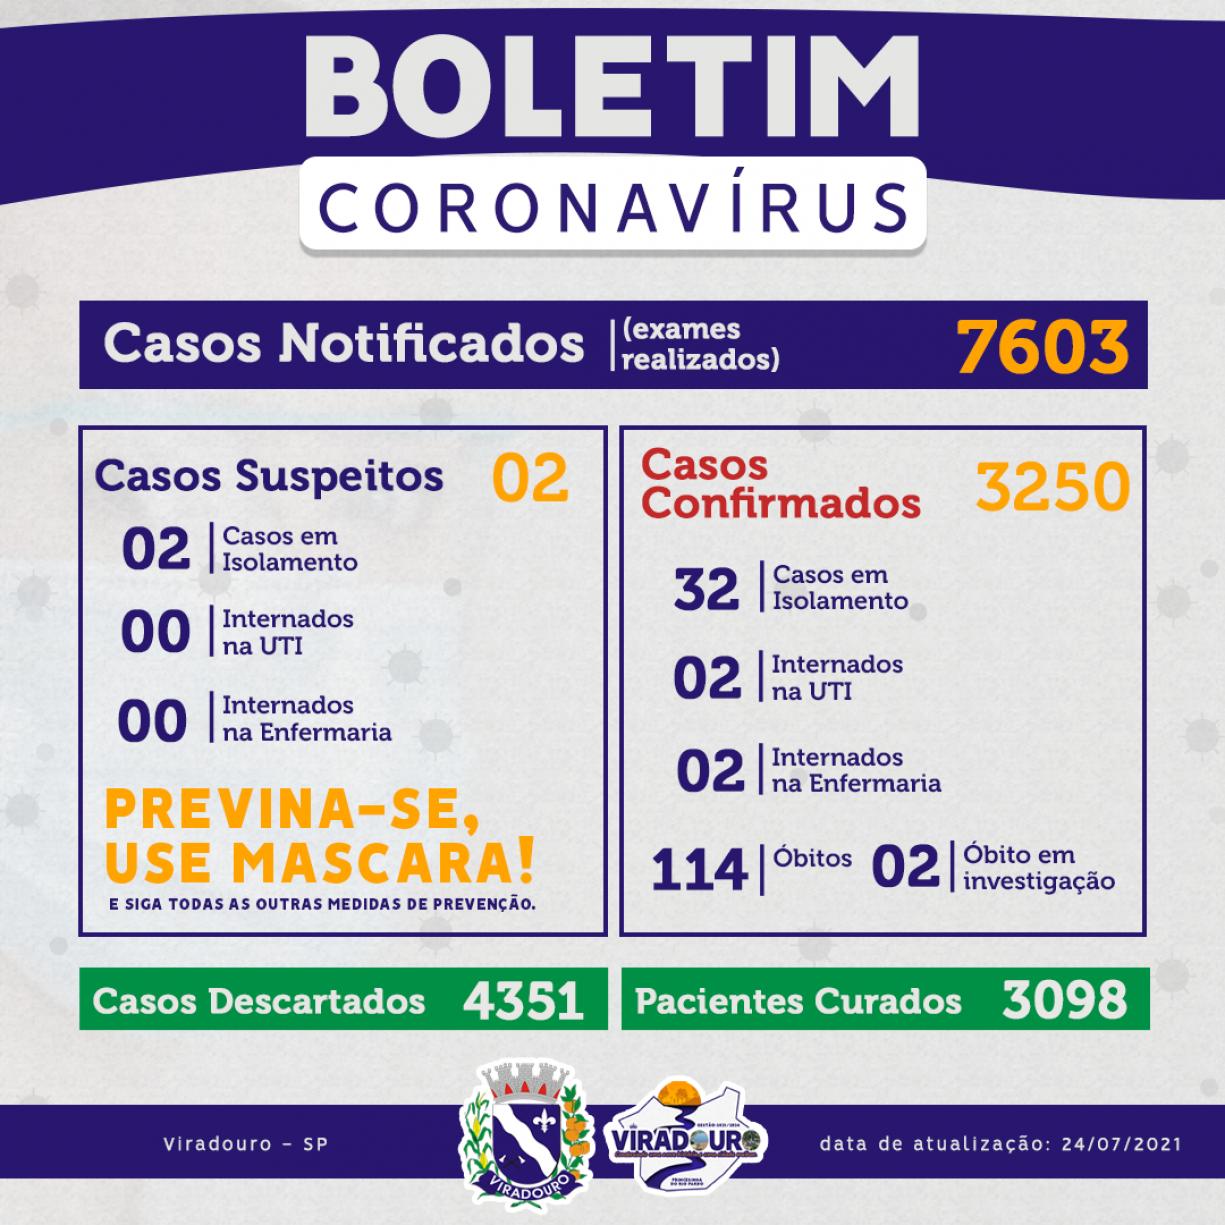 CORONAVÍRUS: BOLETIM EPIDEMIOLÓGICO (ATUALIZAÇÃO 24/07/2021)